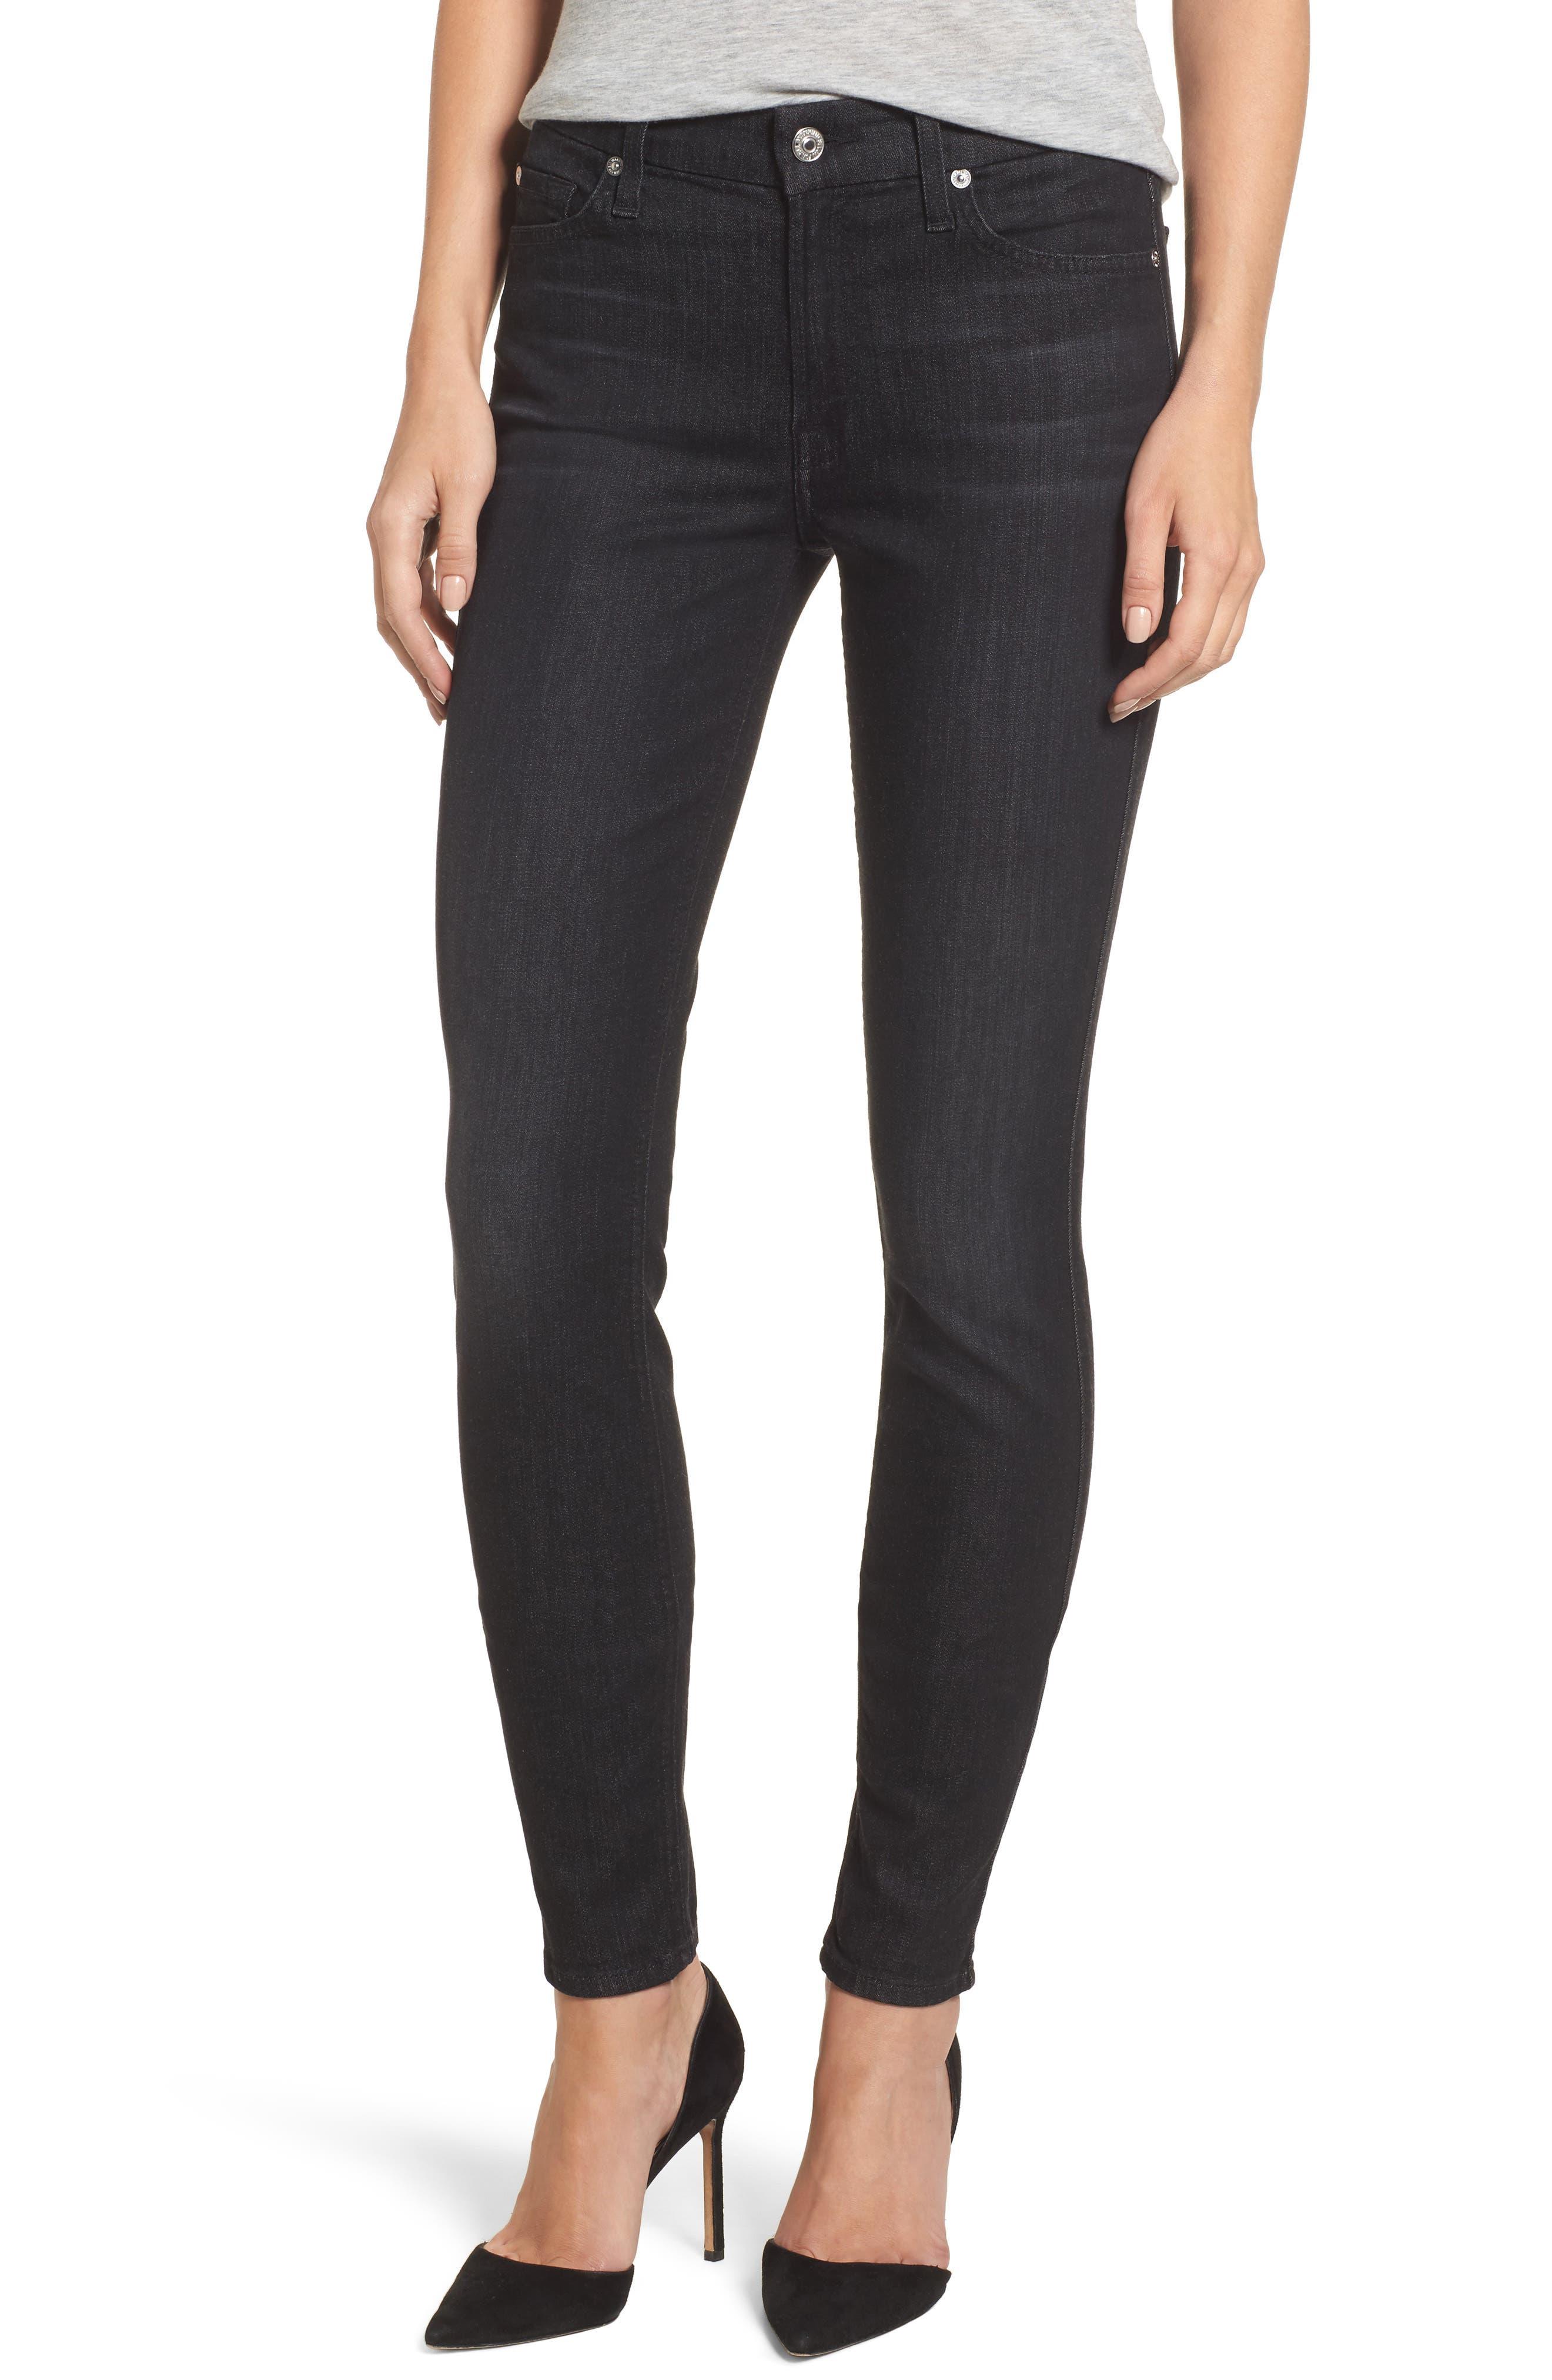 b(air) - The Skinny High Waist Jeans,                         Main,                         color, Bair Noir